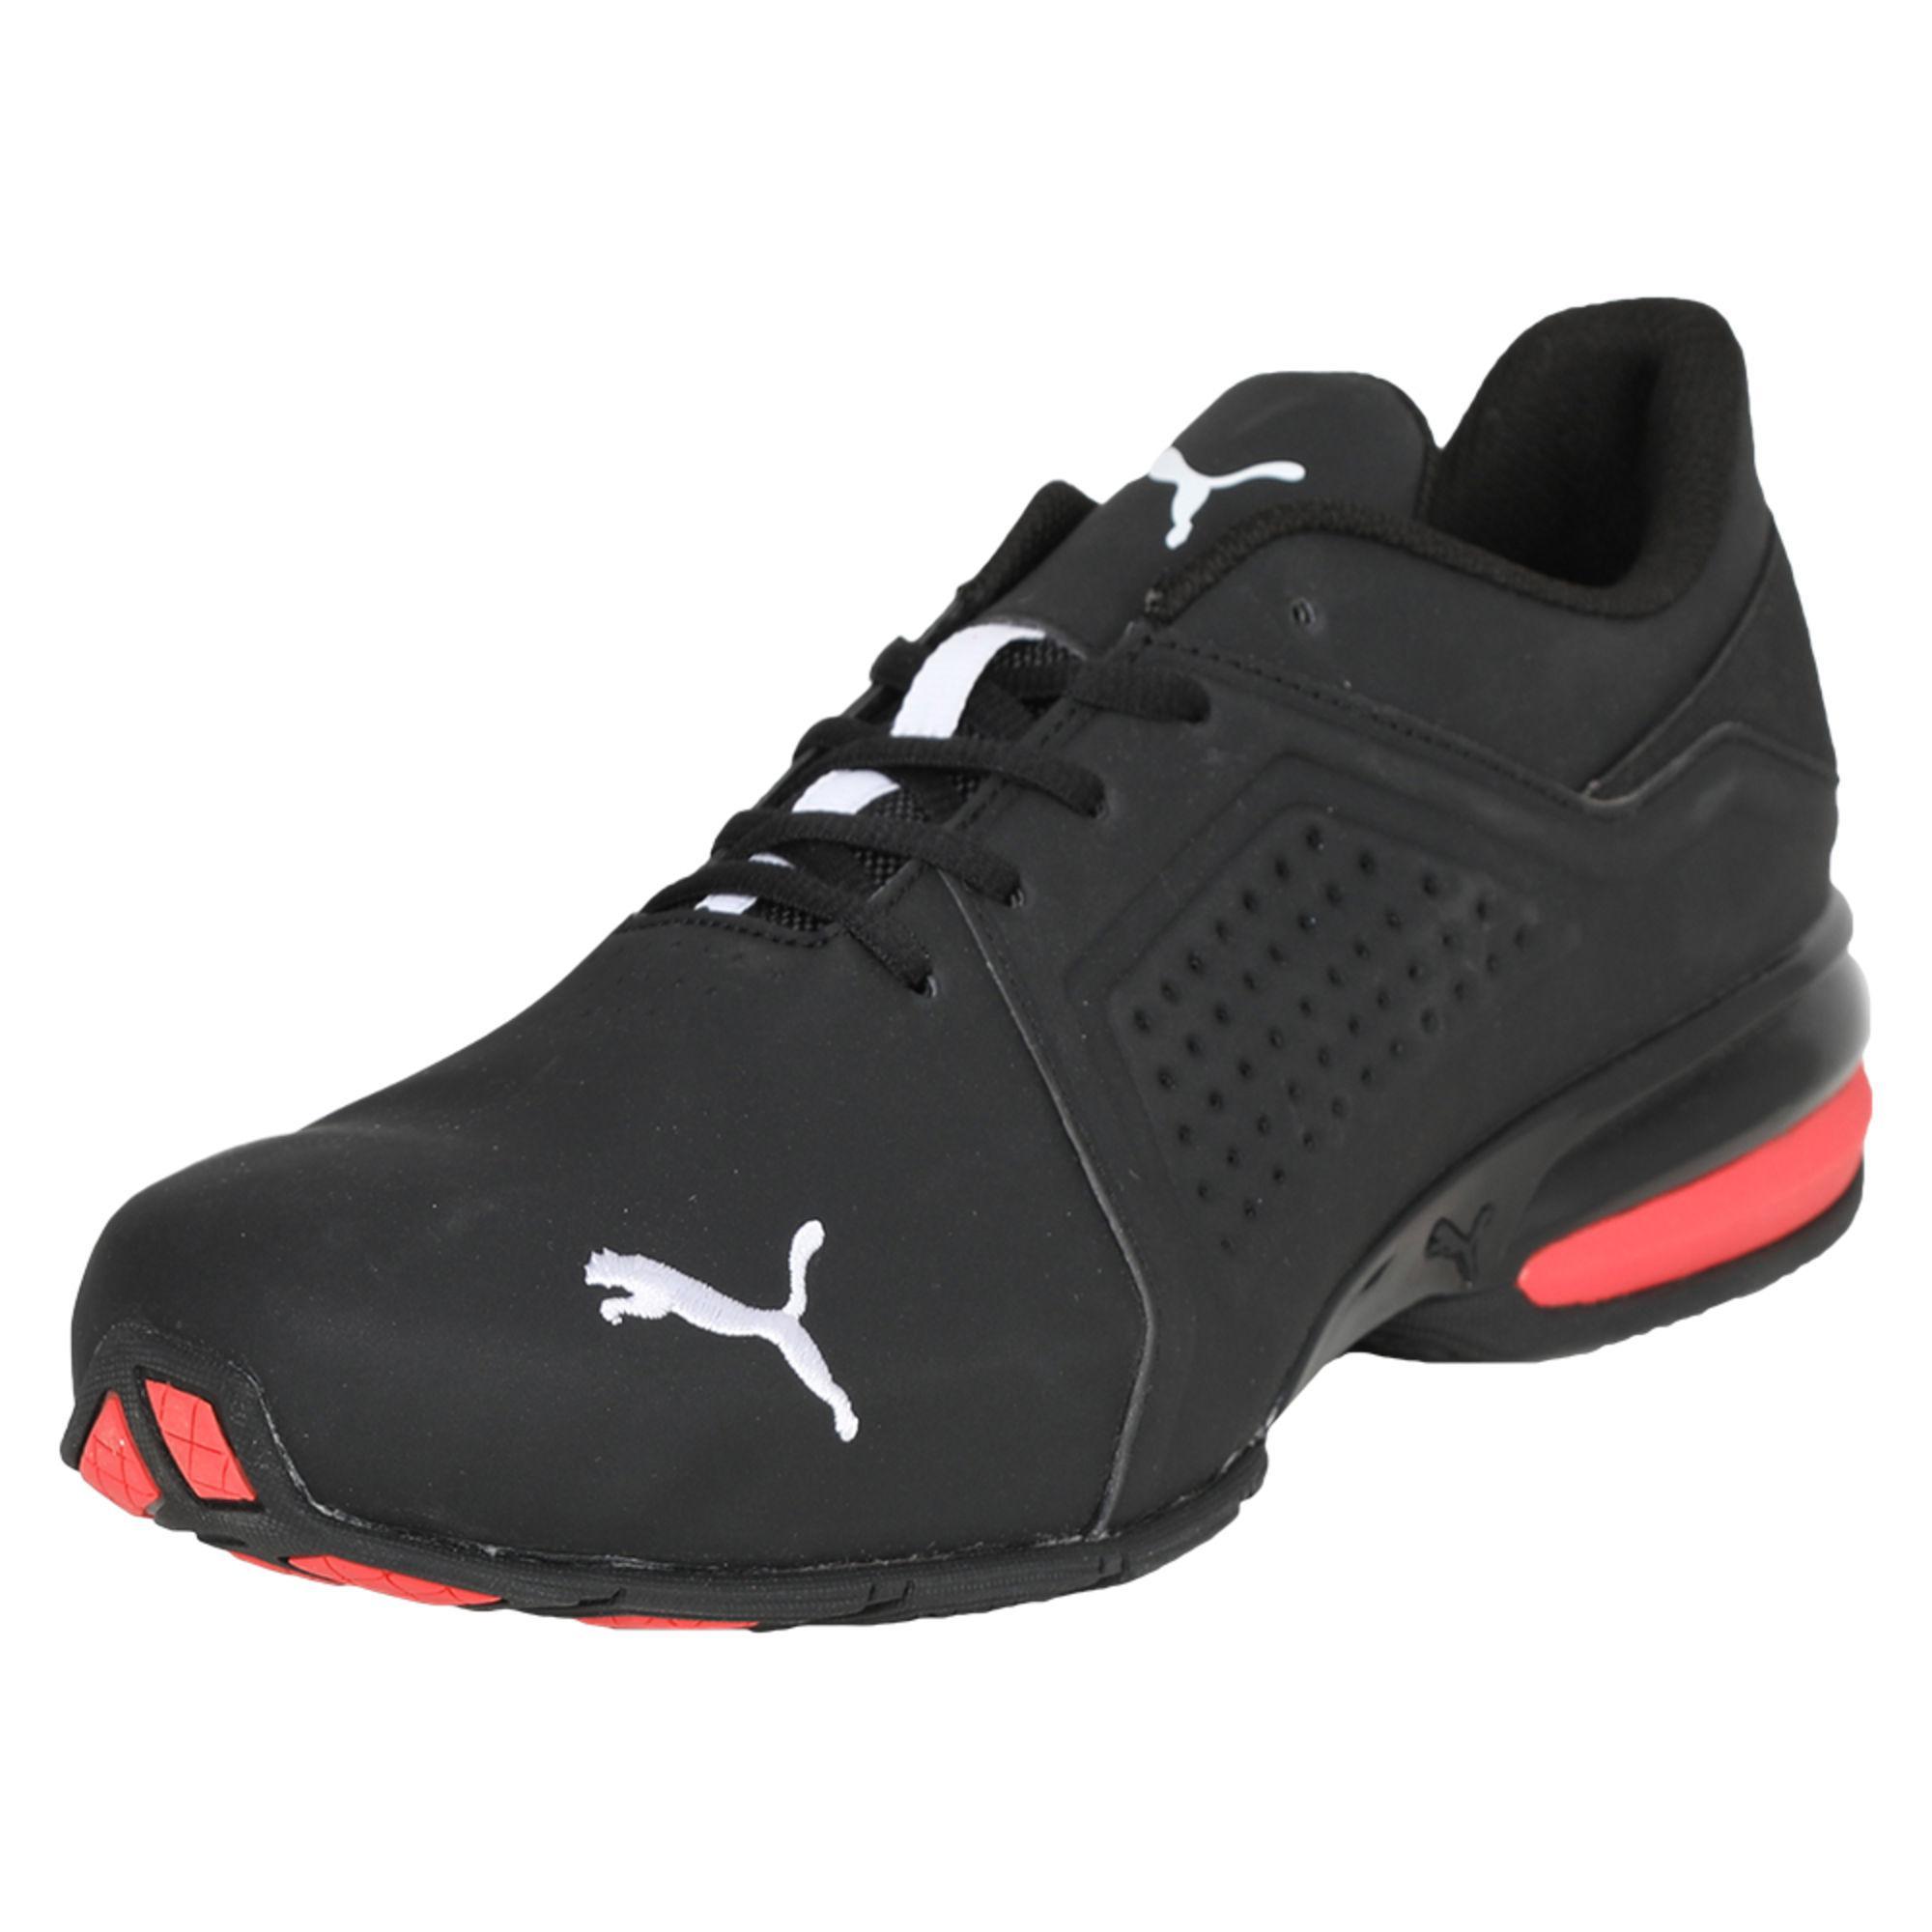 c002d4b2c486 Lyst - PUMA Viz Runner Men s Running Shoes in Black for Men